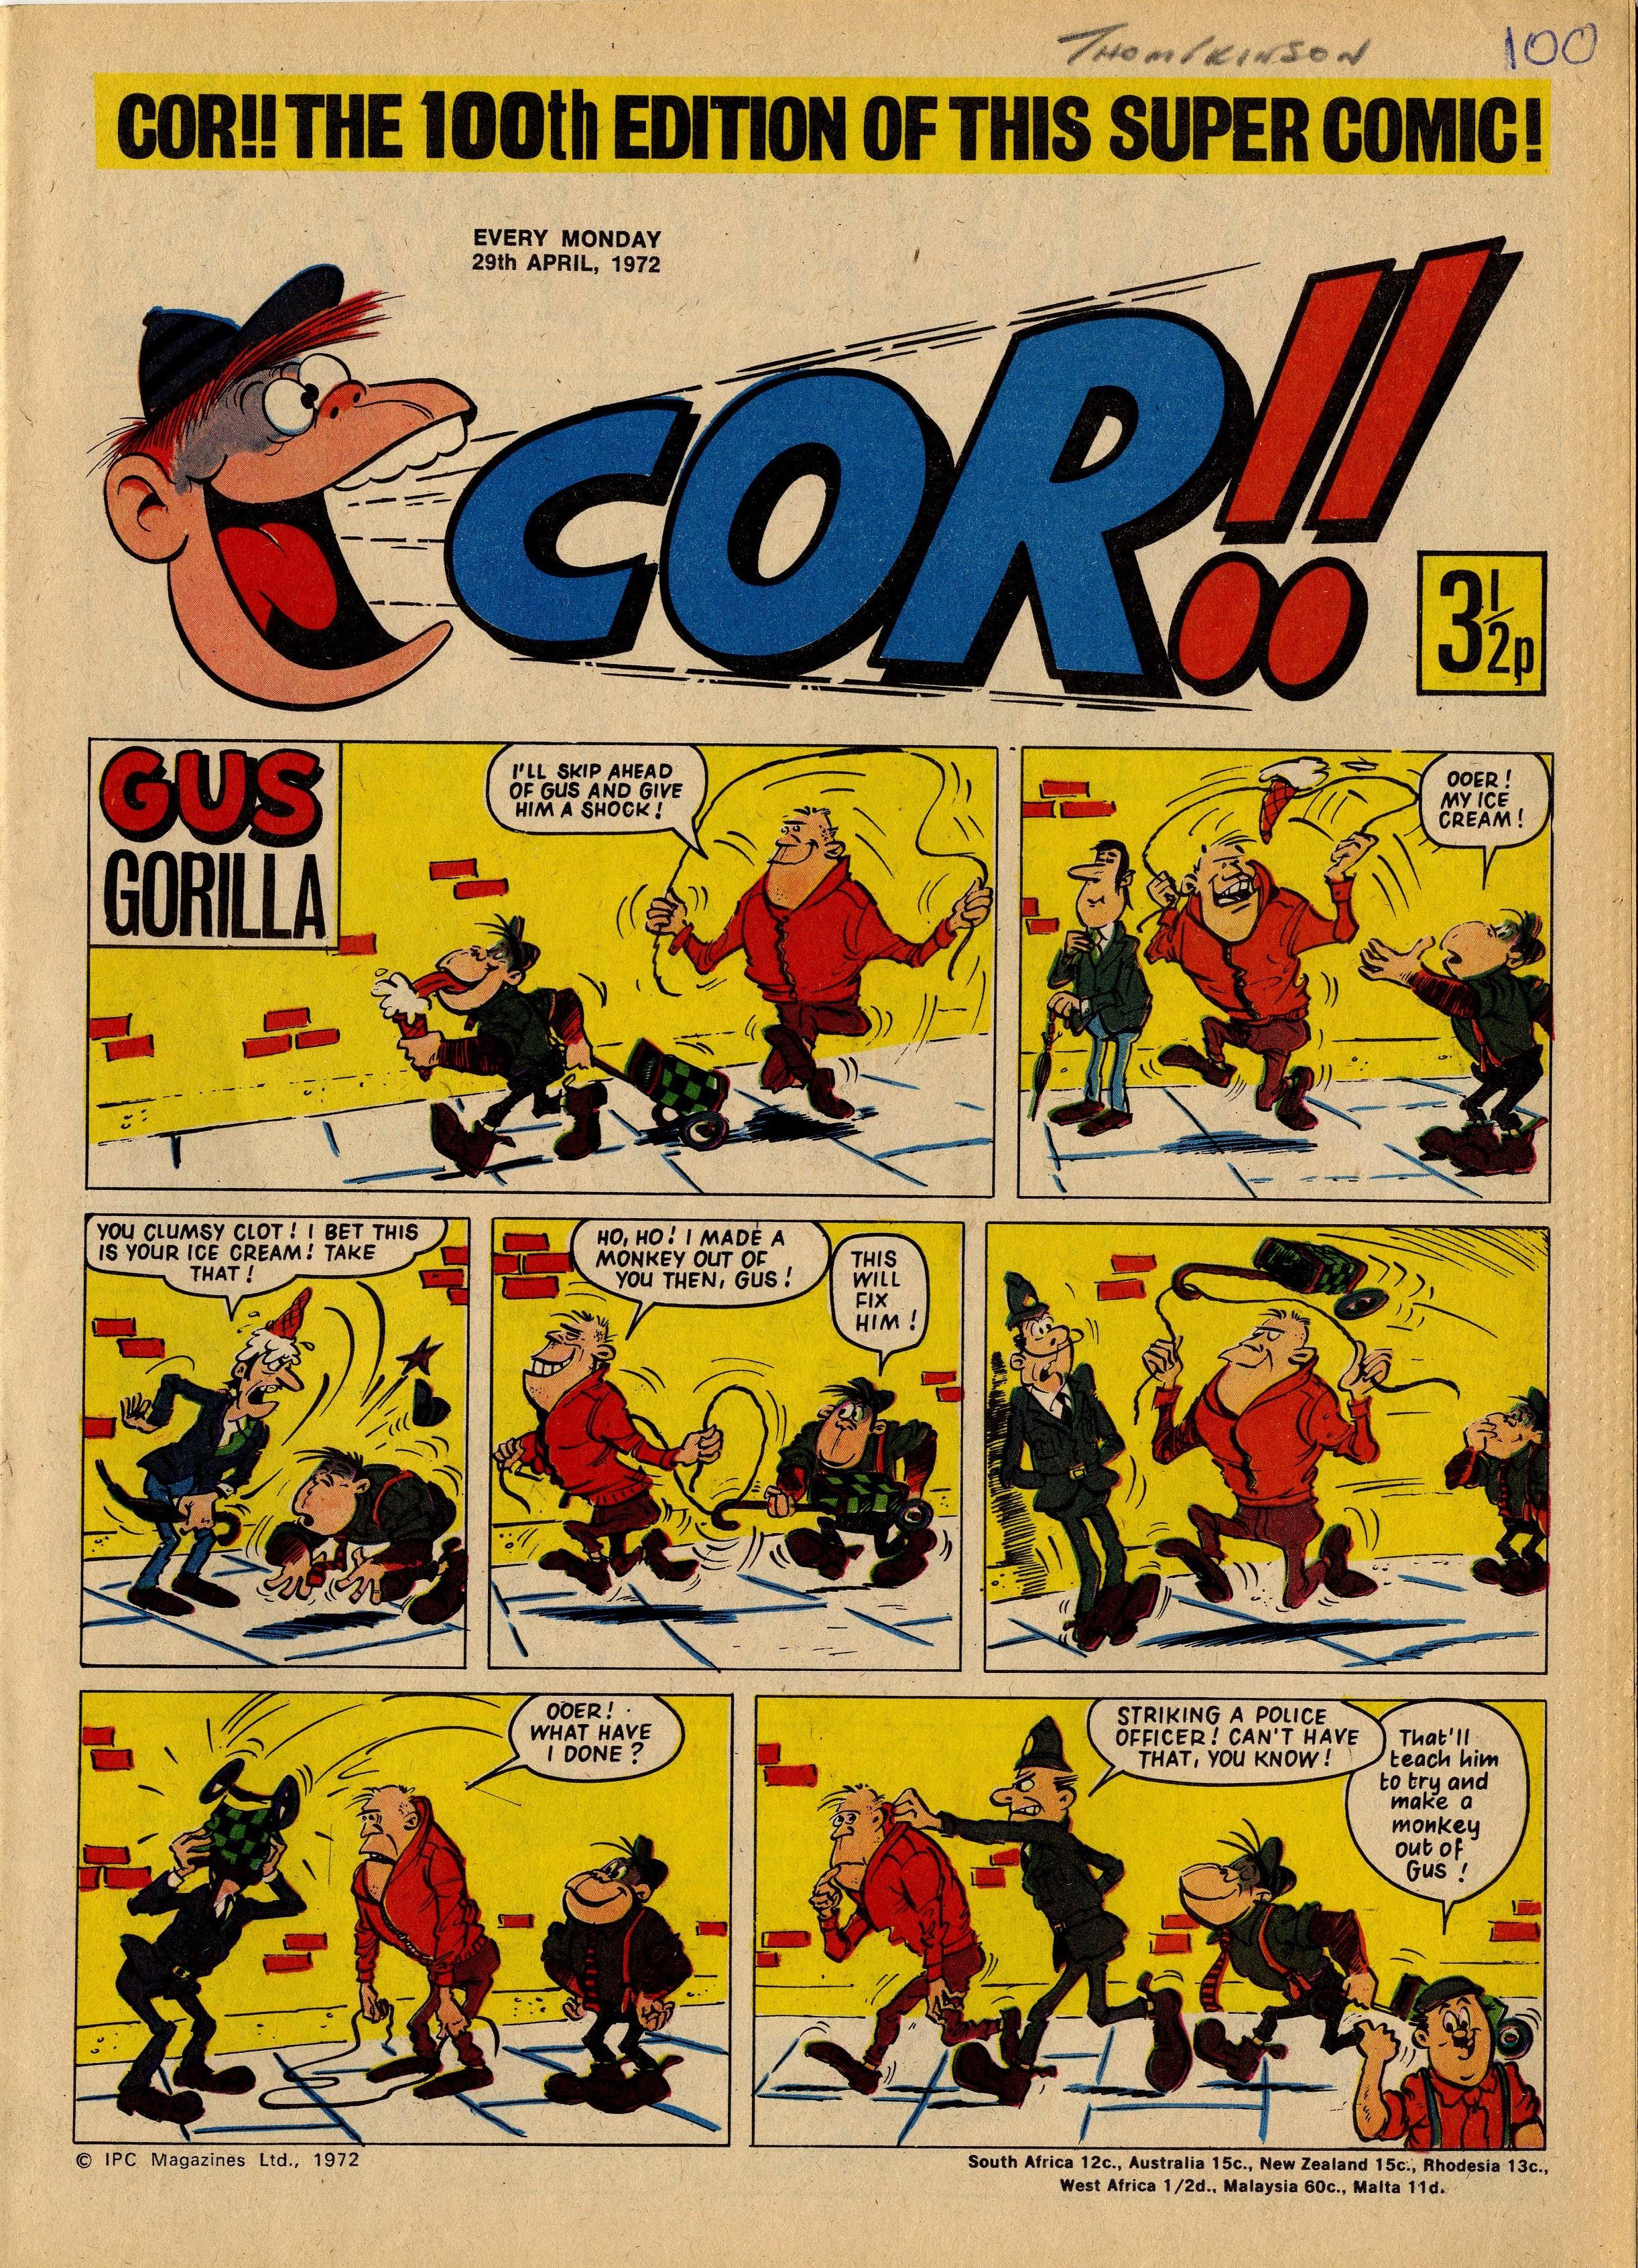 Gus Gorilla: Alf Saporito (artist)